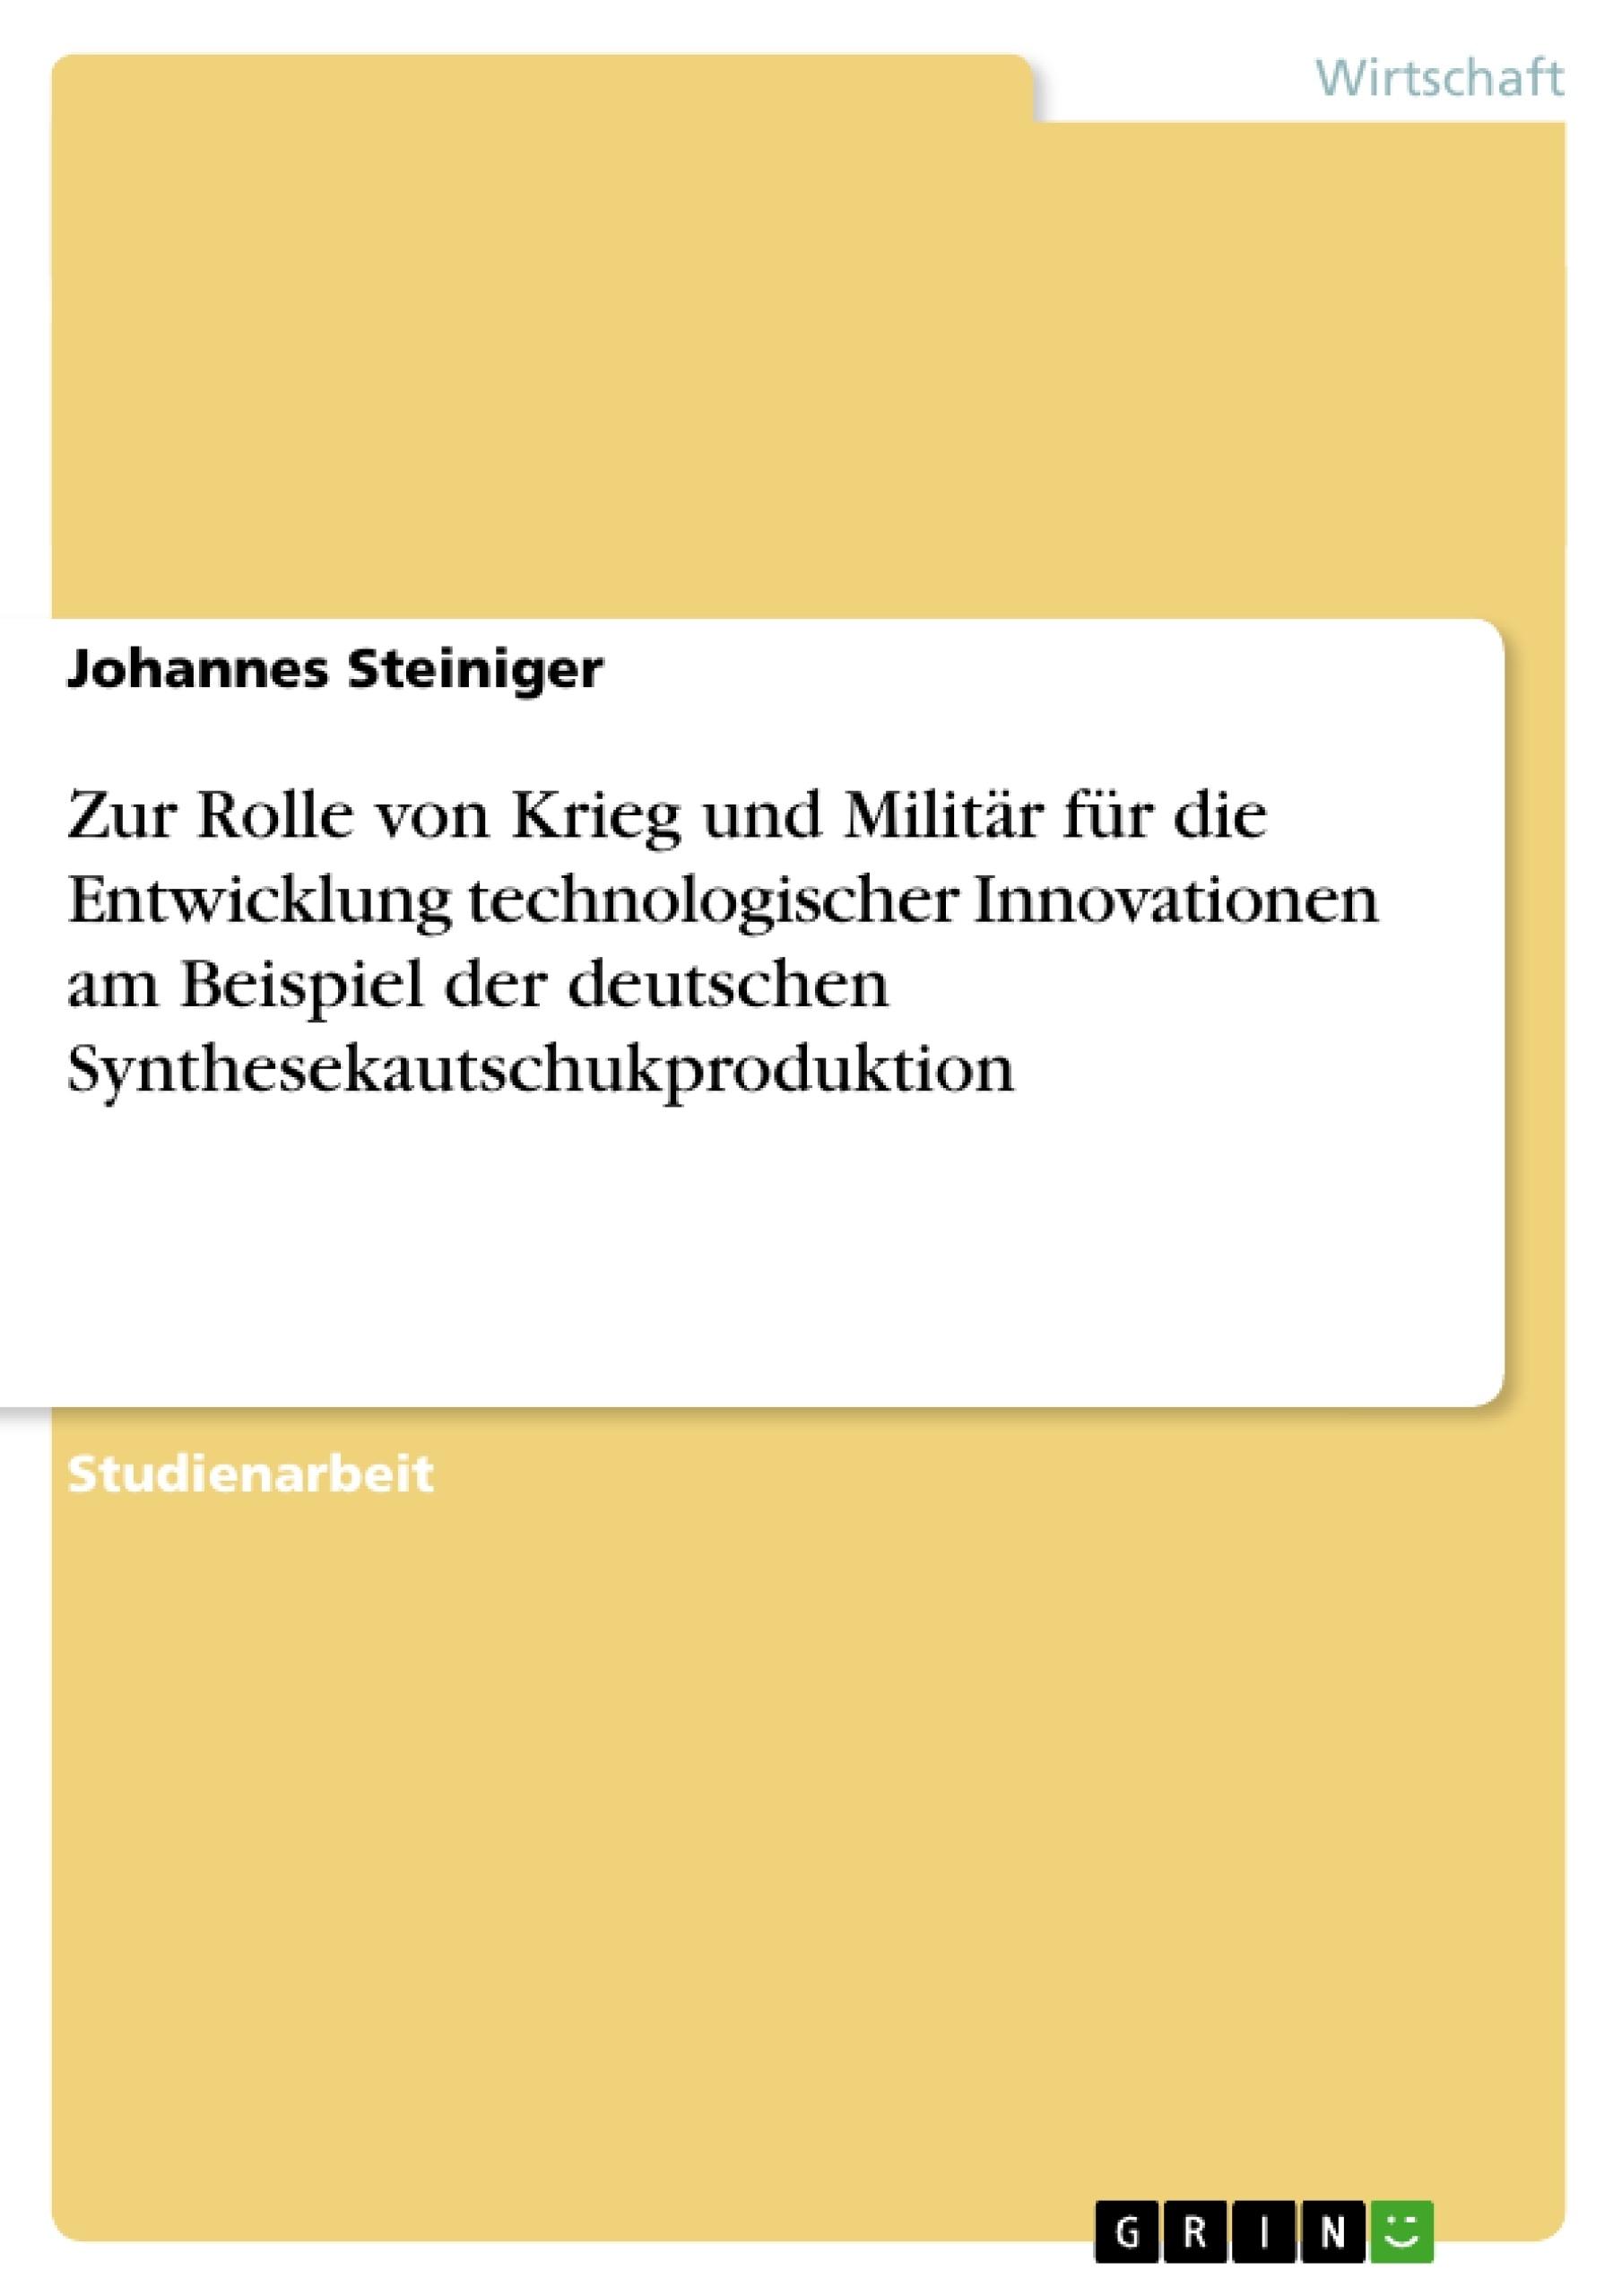 Titel: Zur Rolle von Krieg und Militär für die Entwicklung technologischer Innovationen am Beispiel der deutschen Synthesekautschukproduktion